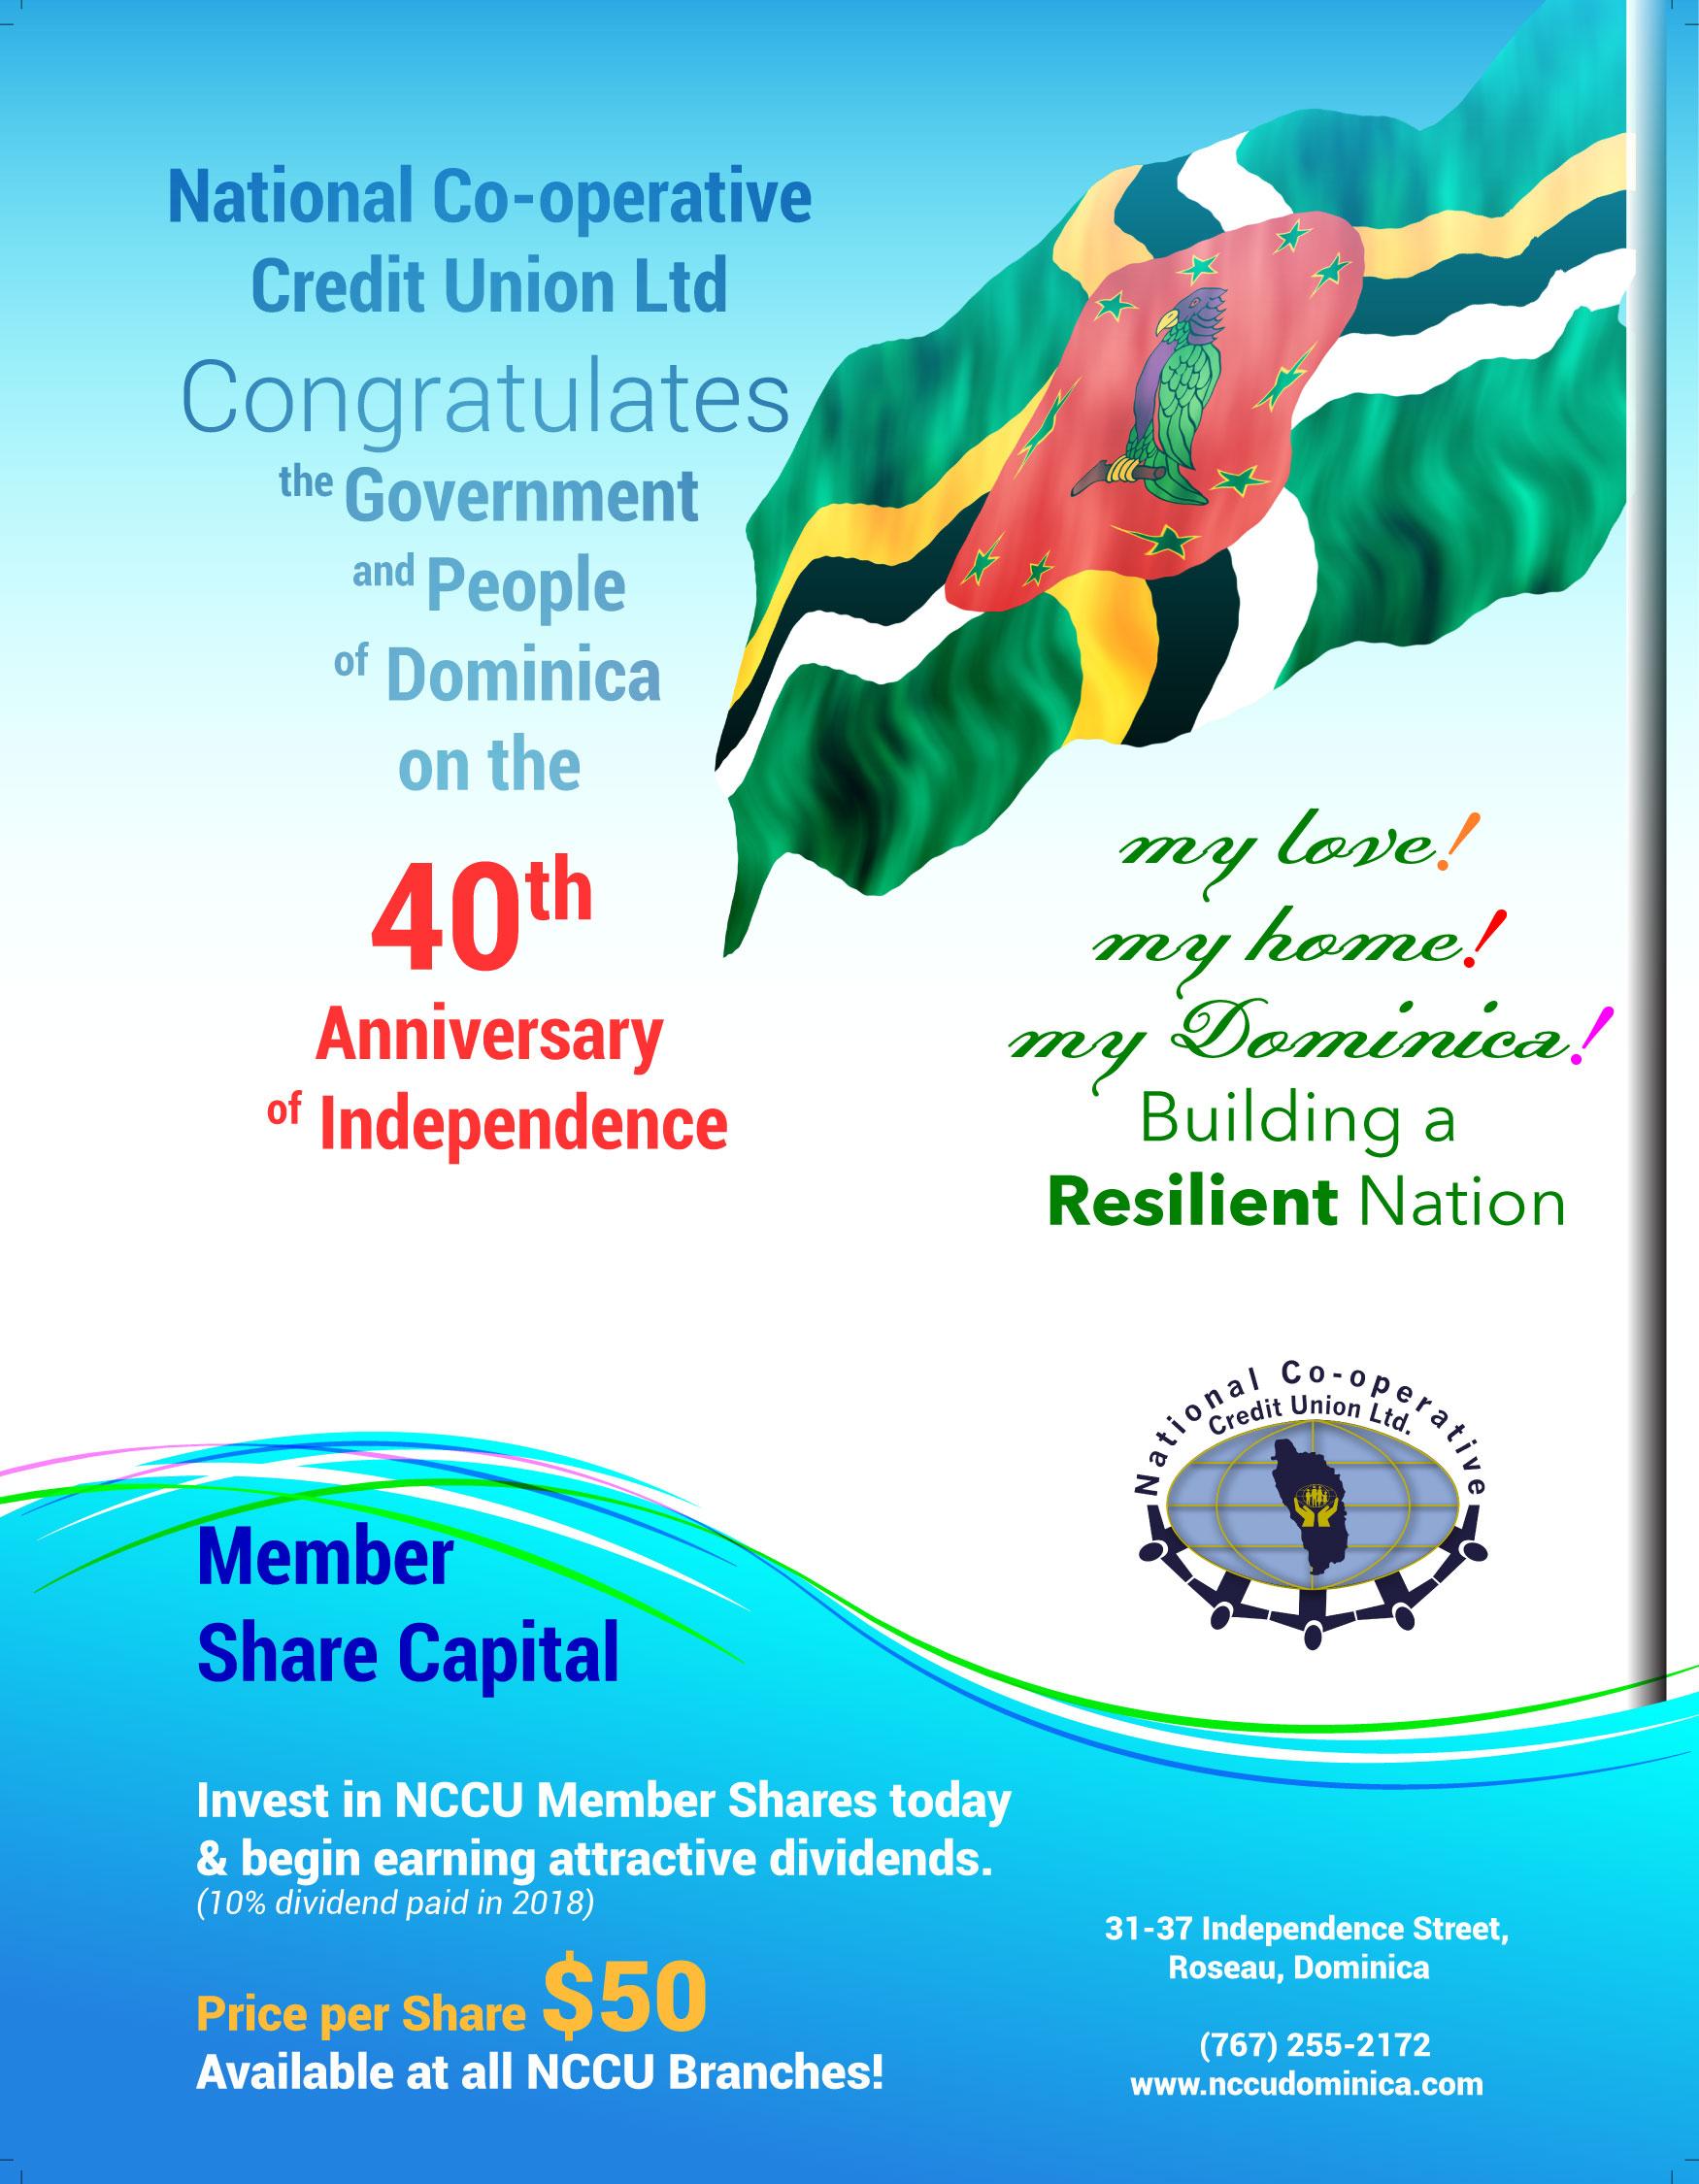 nccu_independence_congrats_2018-01.jpg